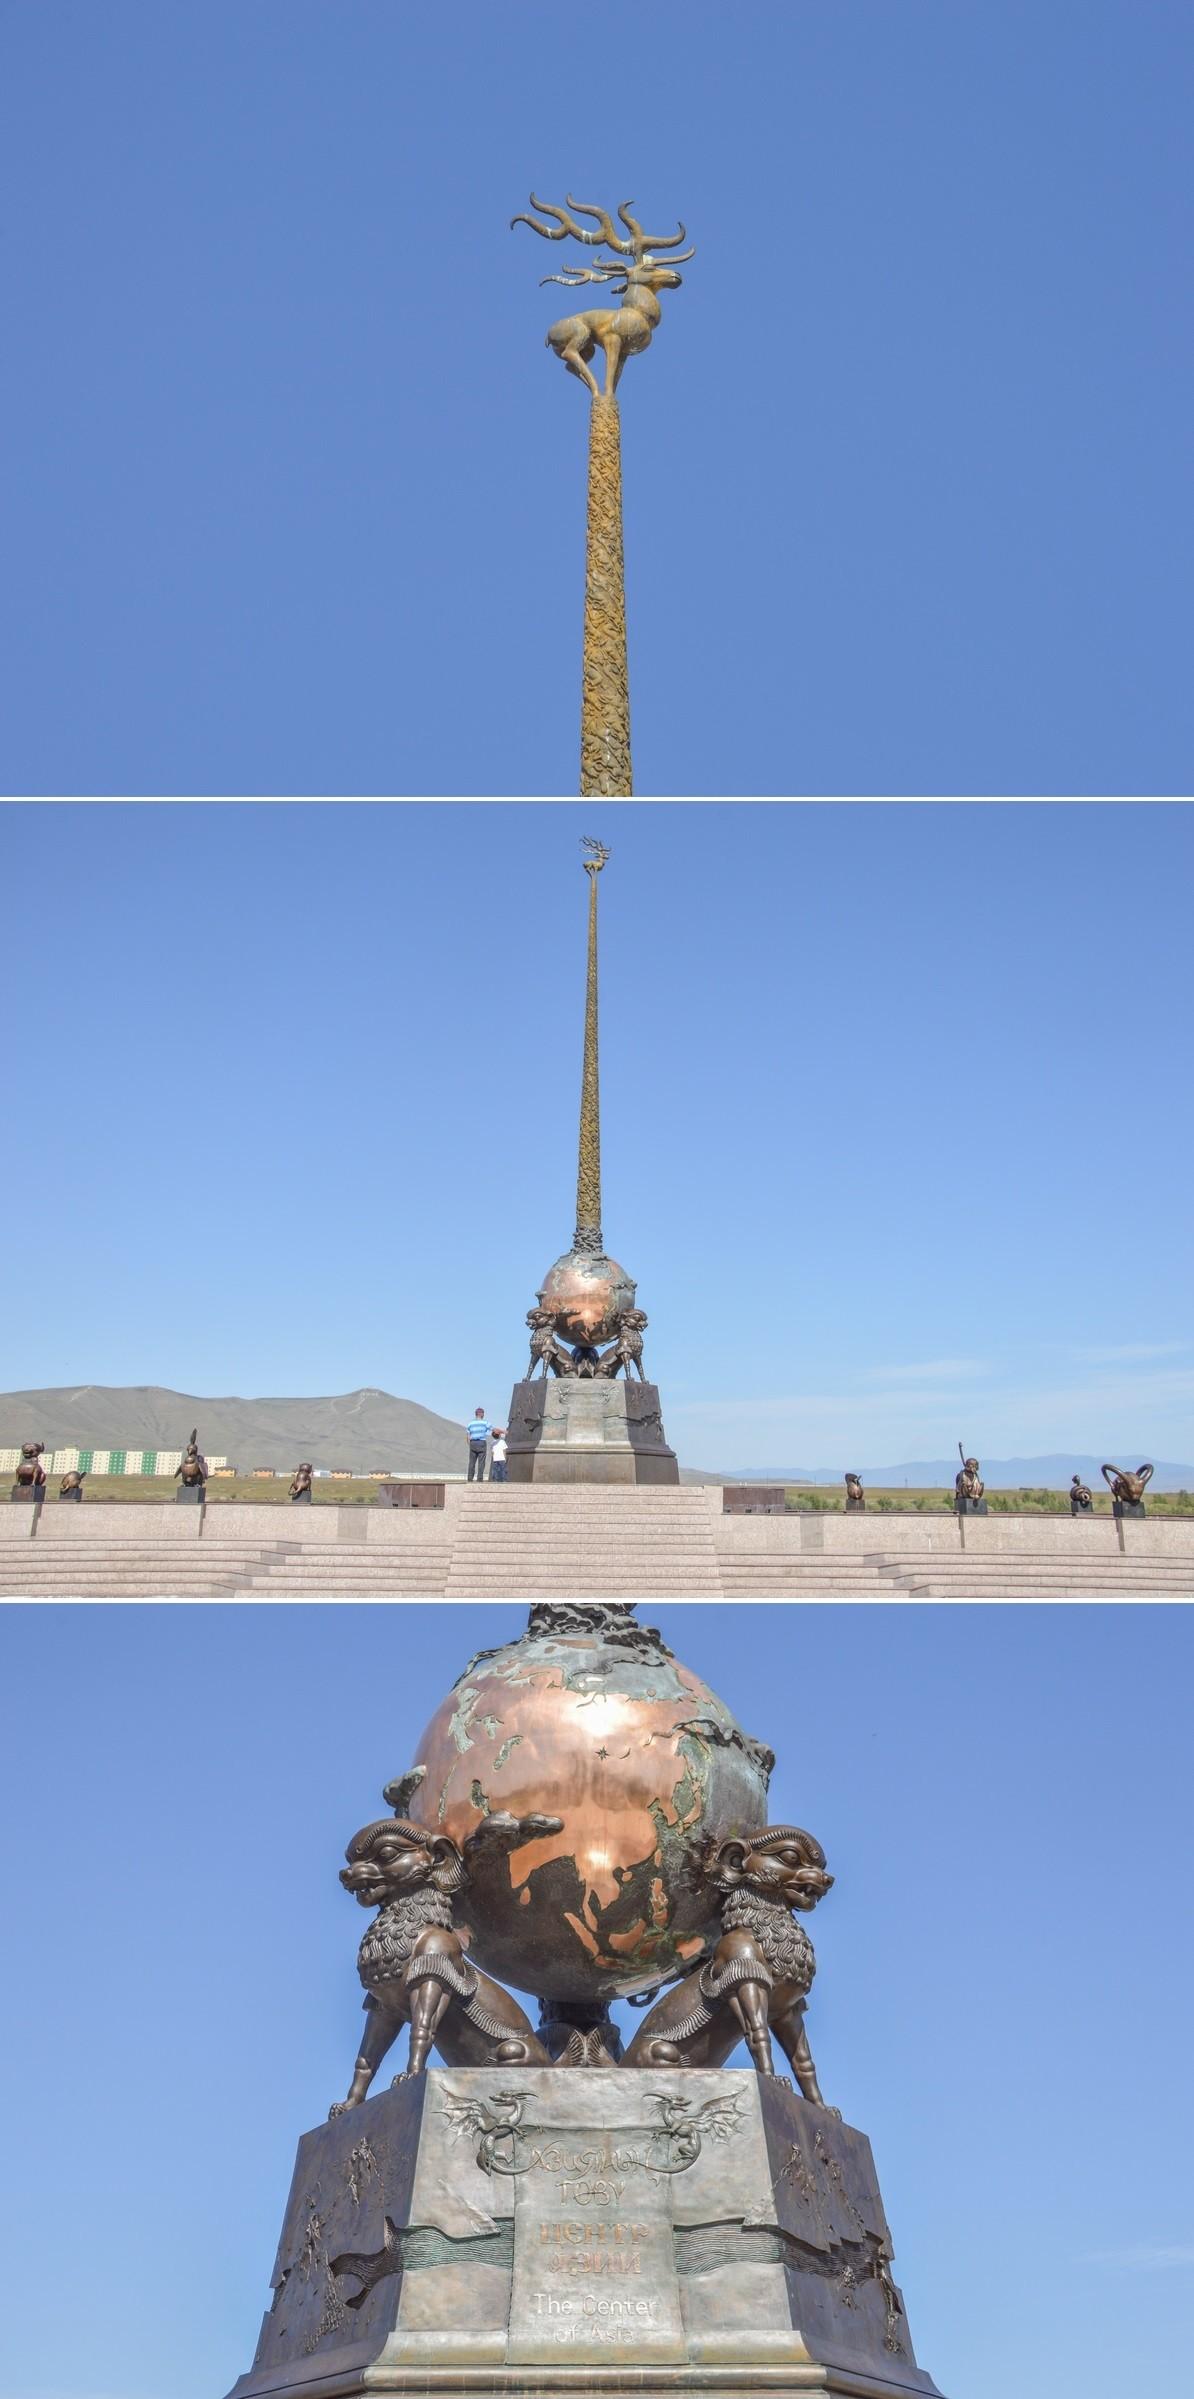 Un passé mouvementé s'expliquant par l'emplacement de ce territoire. Kyzyl apparaît en effet comme le centre géographique du continent asiatique, une particularité célébrée par un élégant obélisque sur les berges du puissant Ienisseï, prenant sa source non loin.